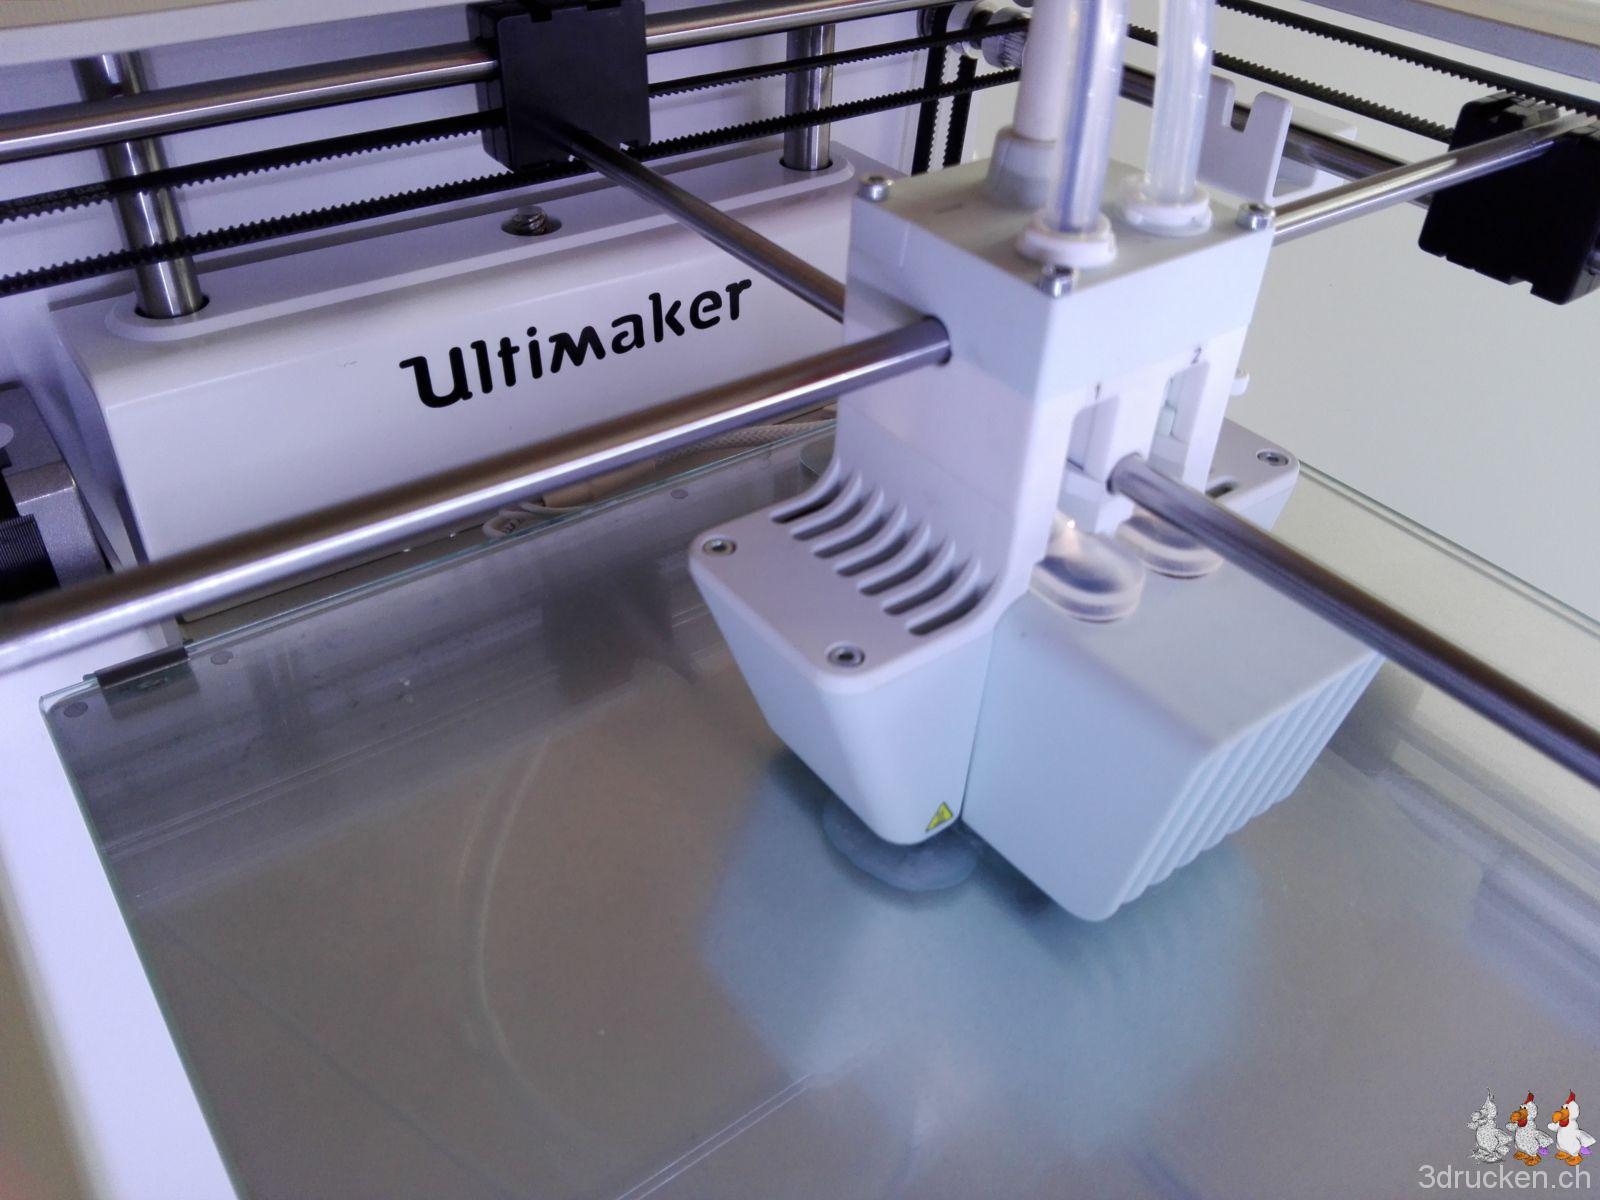 Druckkopf und Drucktisch des Ultimaker 3 von oben